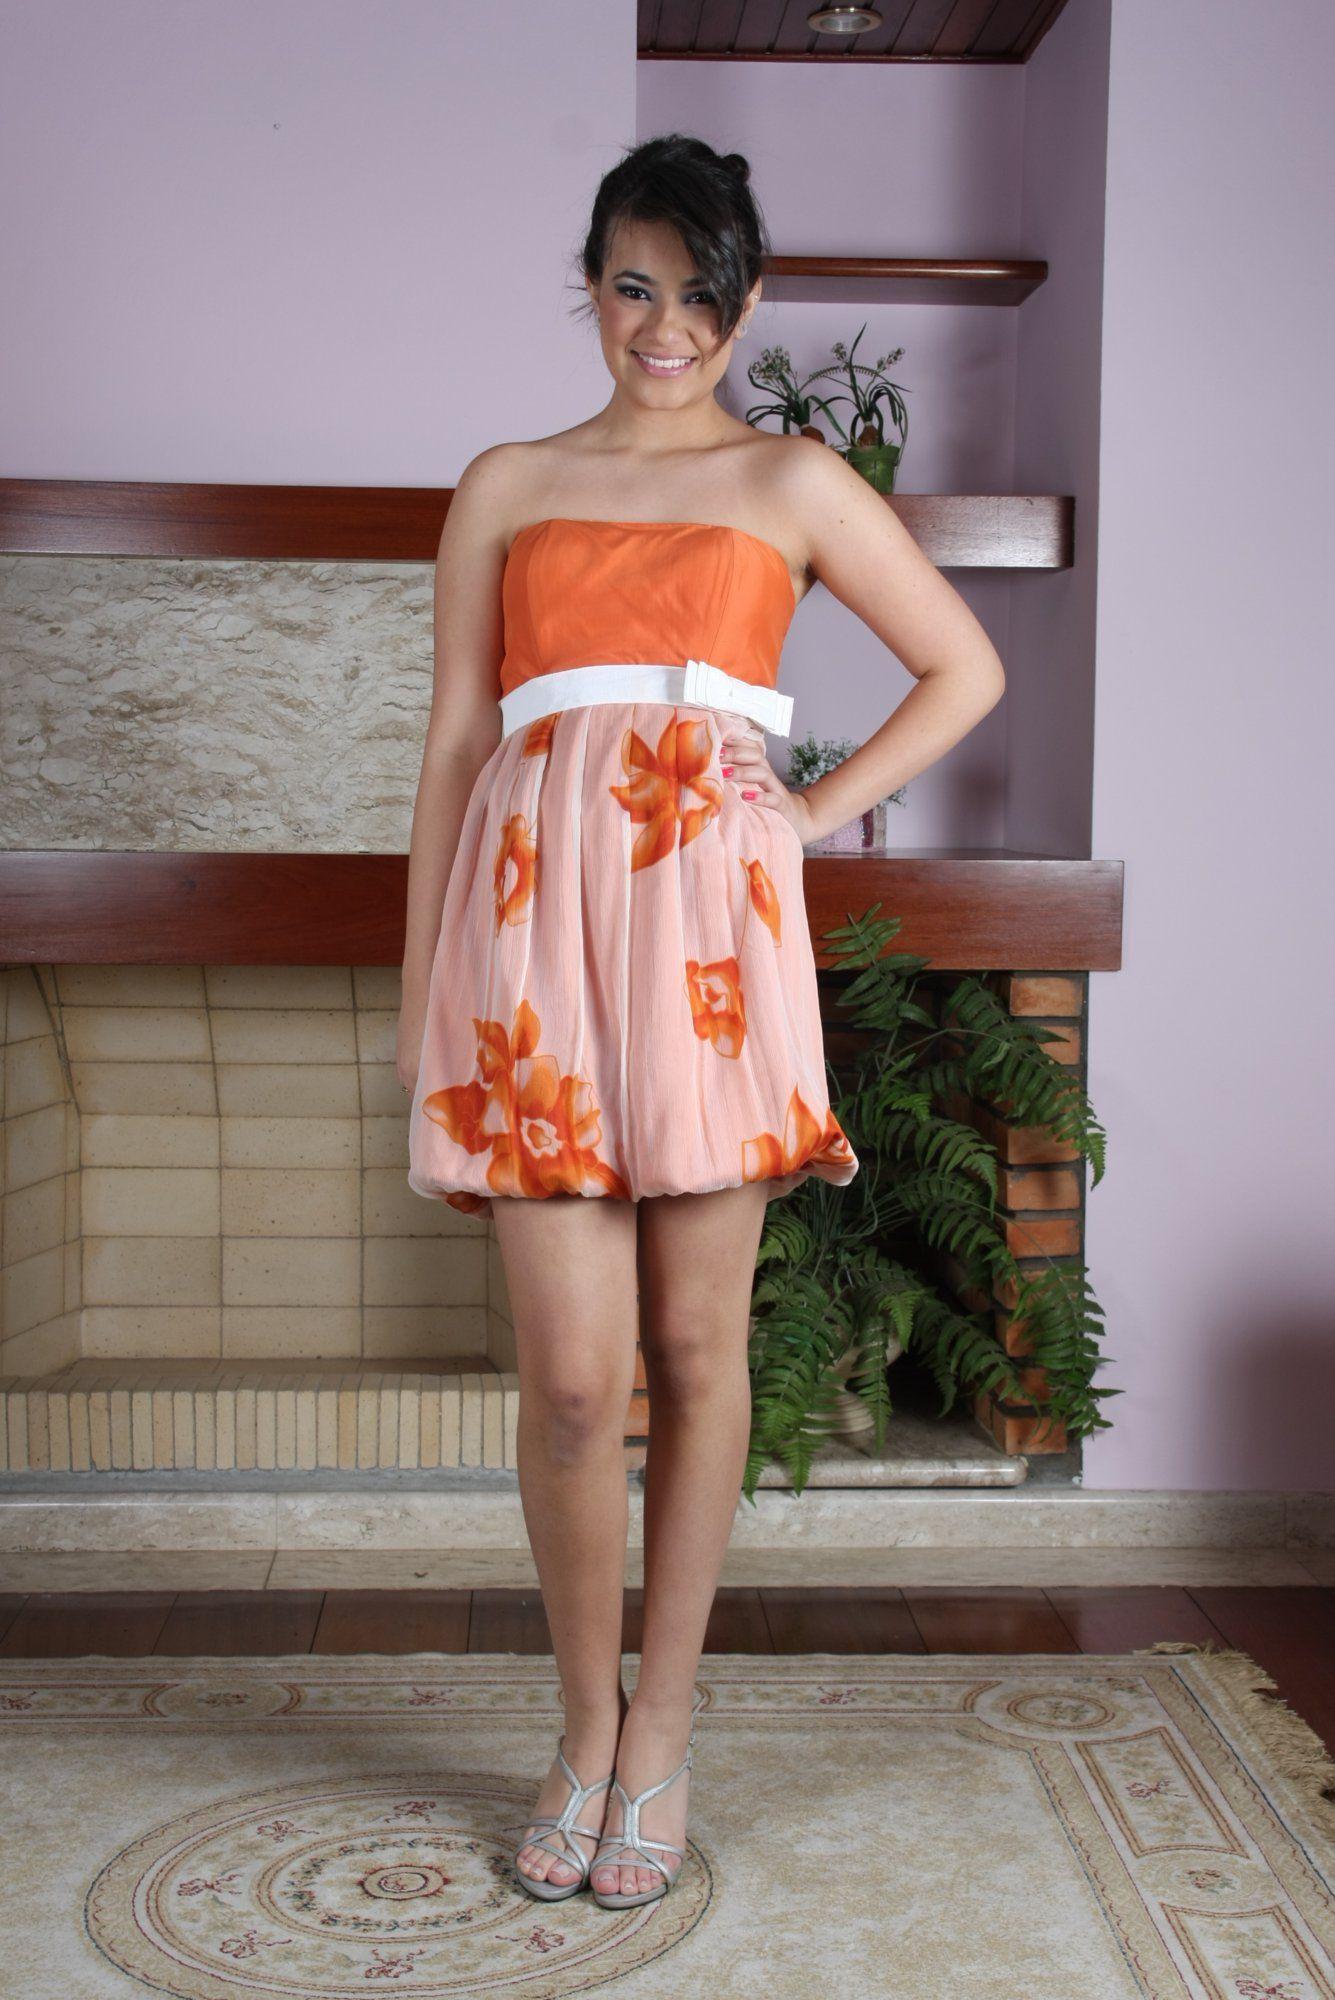 Vestido de Debutante Outros Modelos - 1 - Hipnose Alta Costura e Spa para Noivas e Noivos - Campinas - SP Vestido de Debutante, Vestido de Debutante Outros Modelos, Hipnose Alta Costura